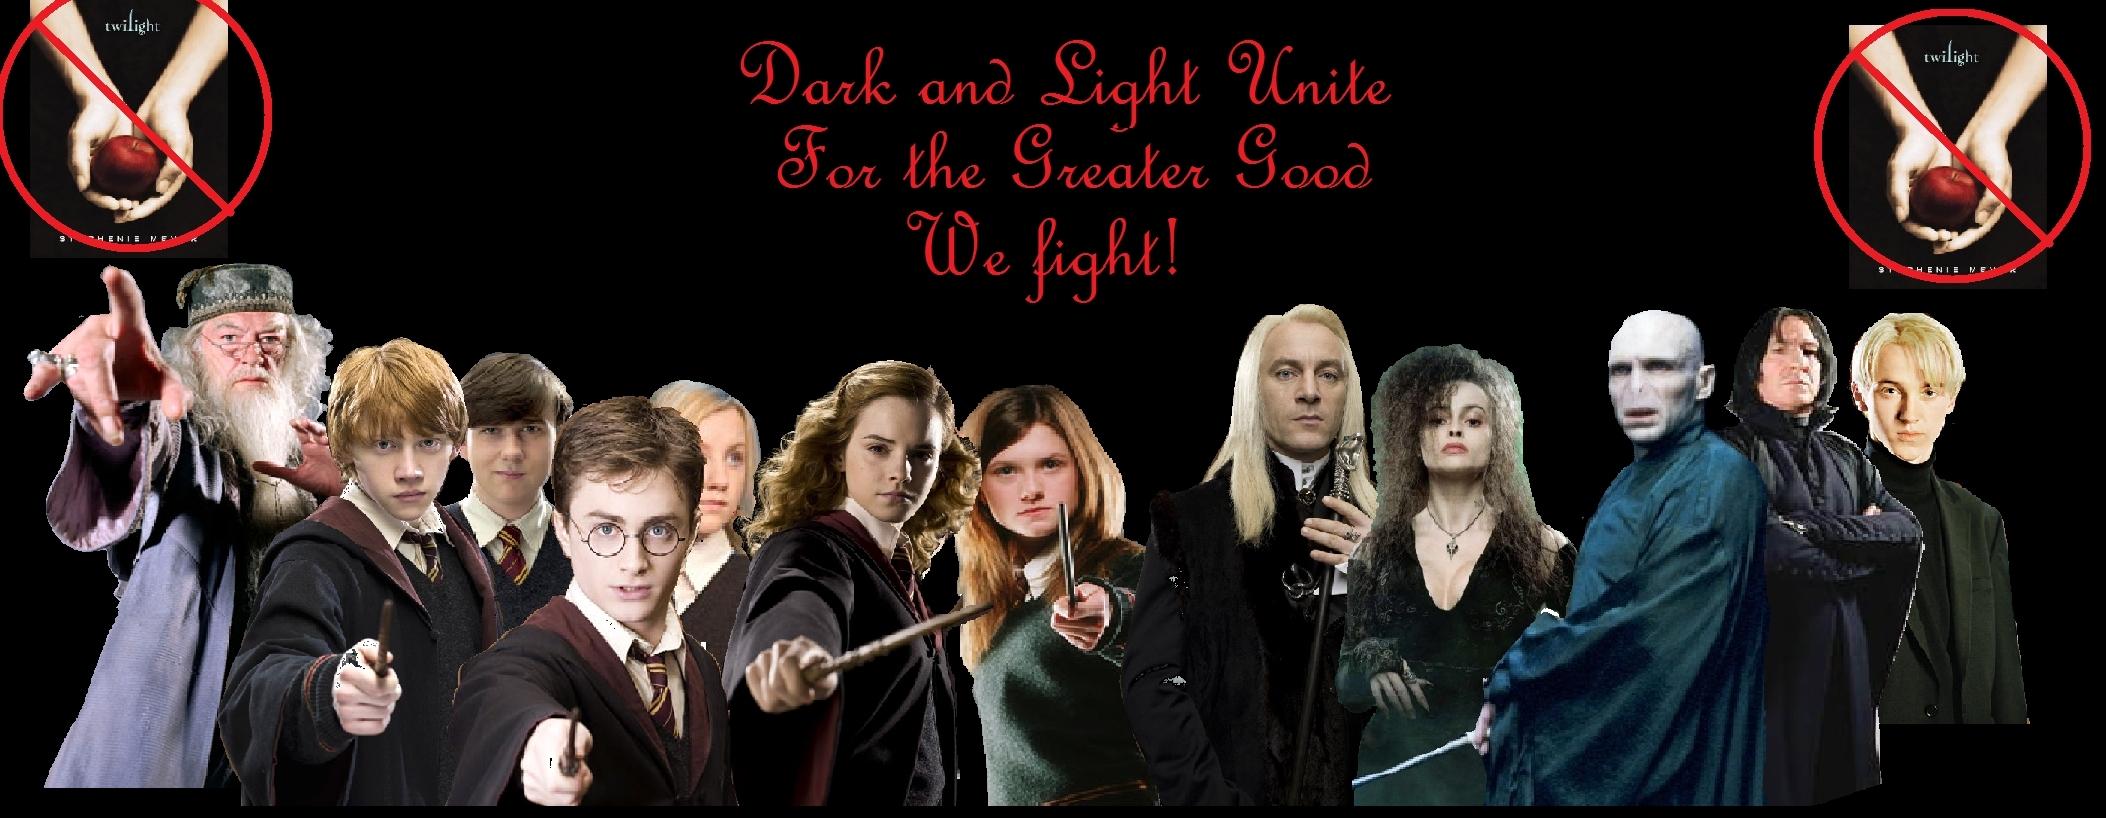 twilight versus harry potter